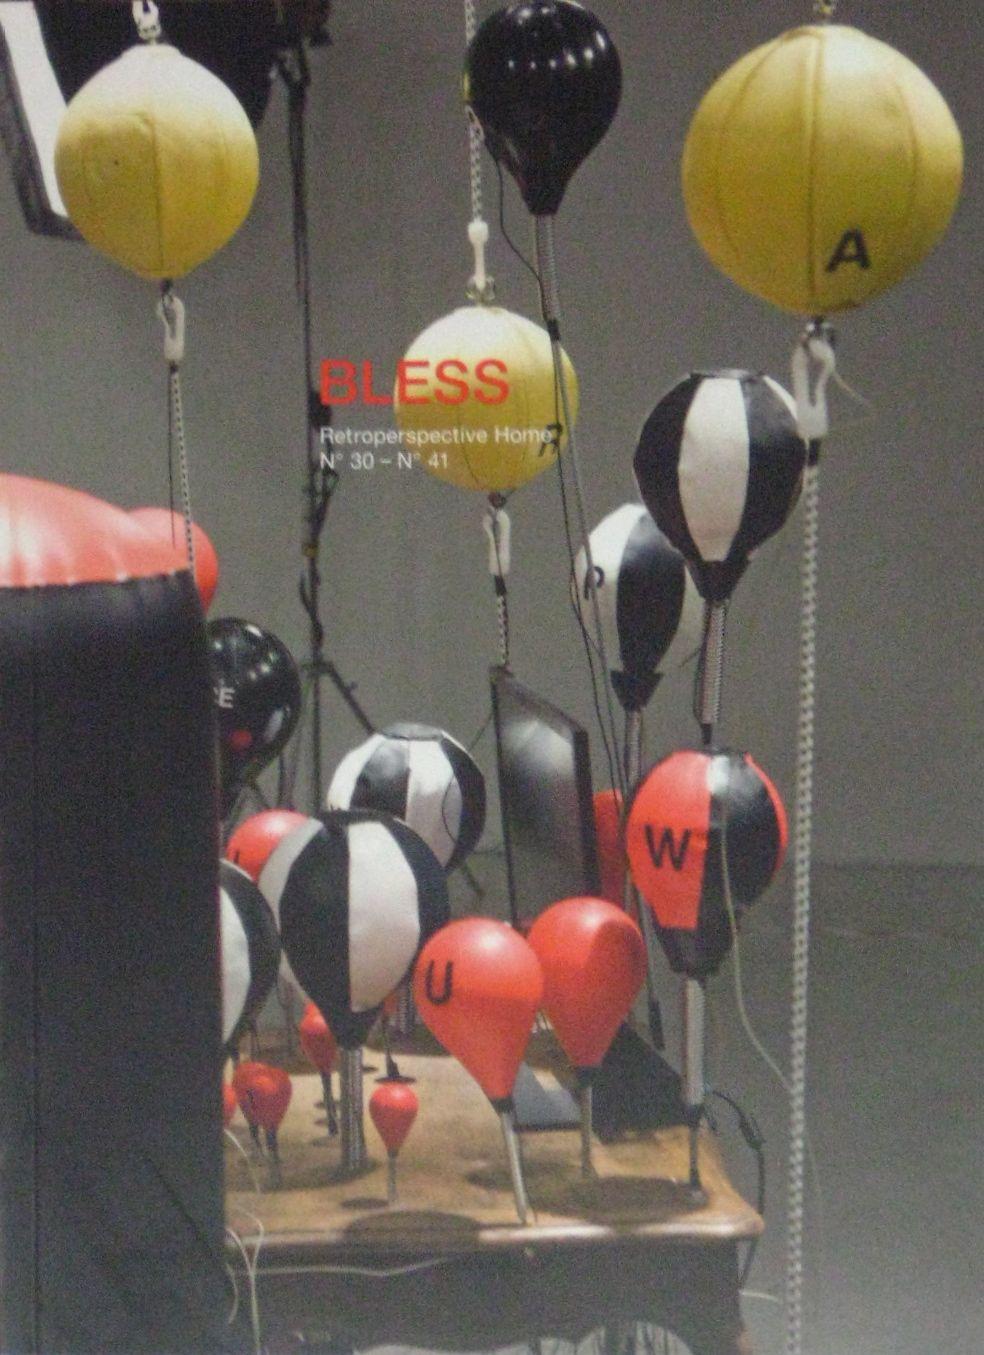 【古本】ブレス作品集: BLESS RETROPERSPECTIVE HOME NO.30 - NO.41